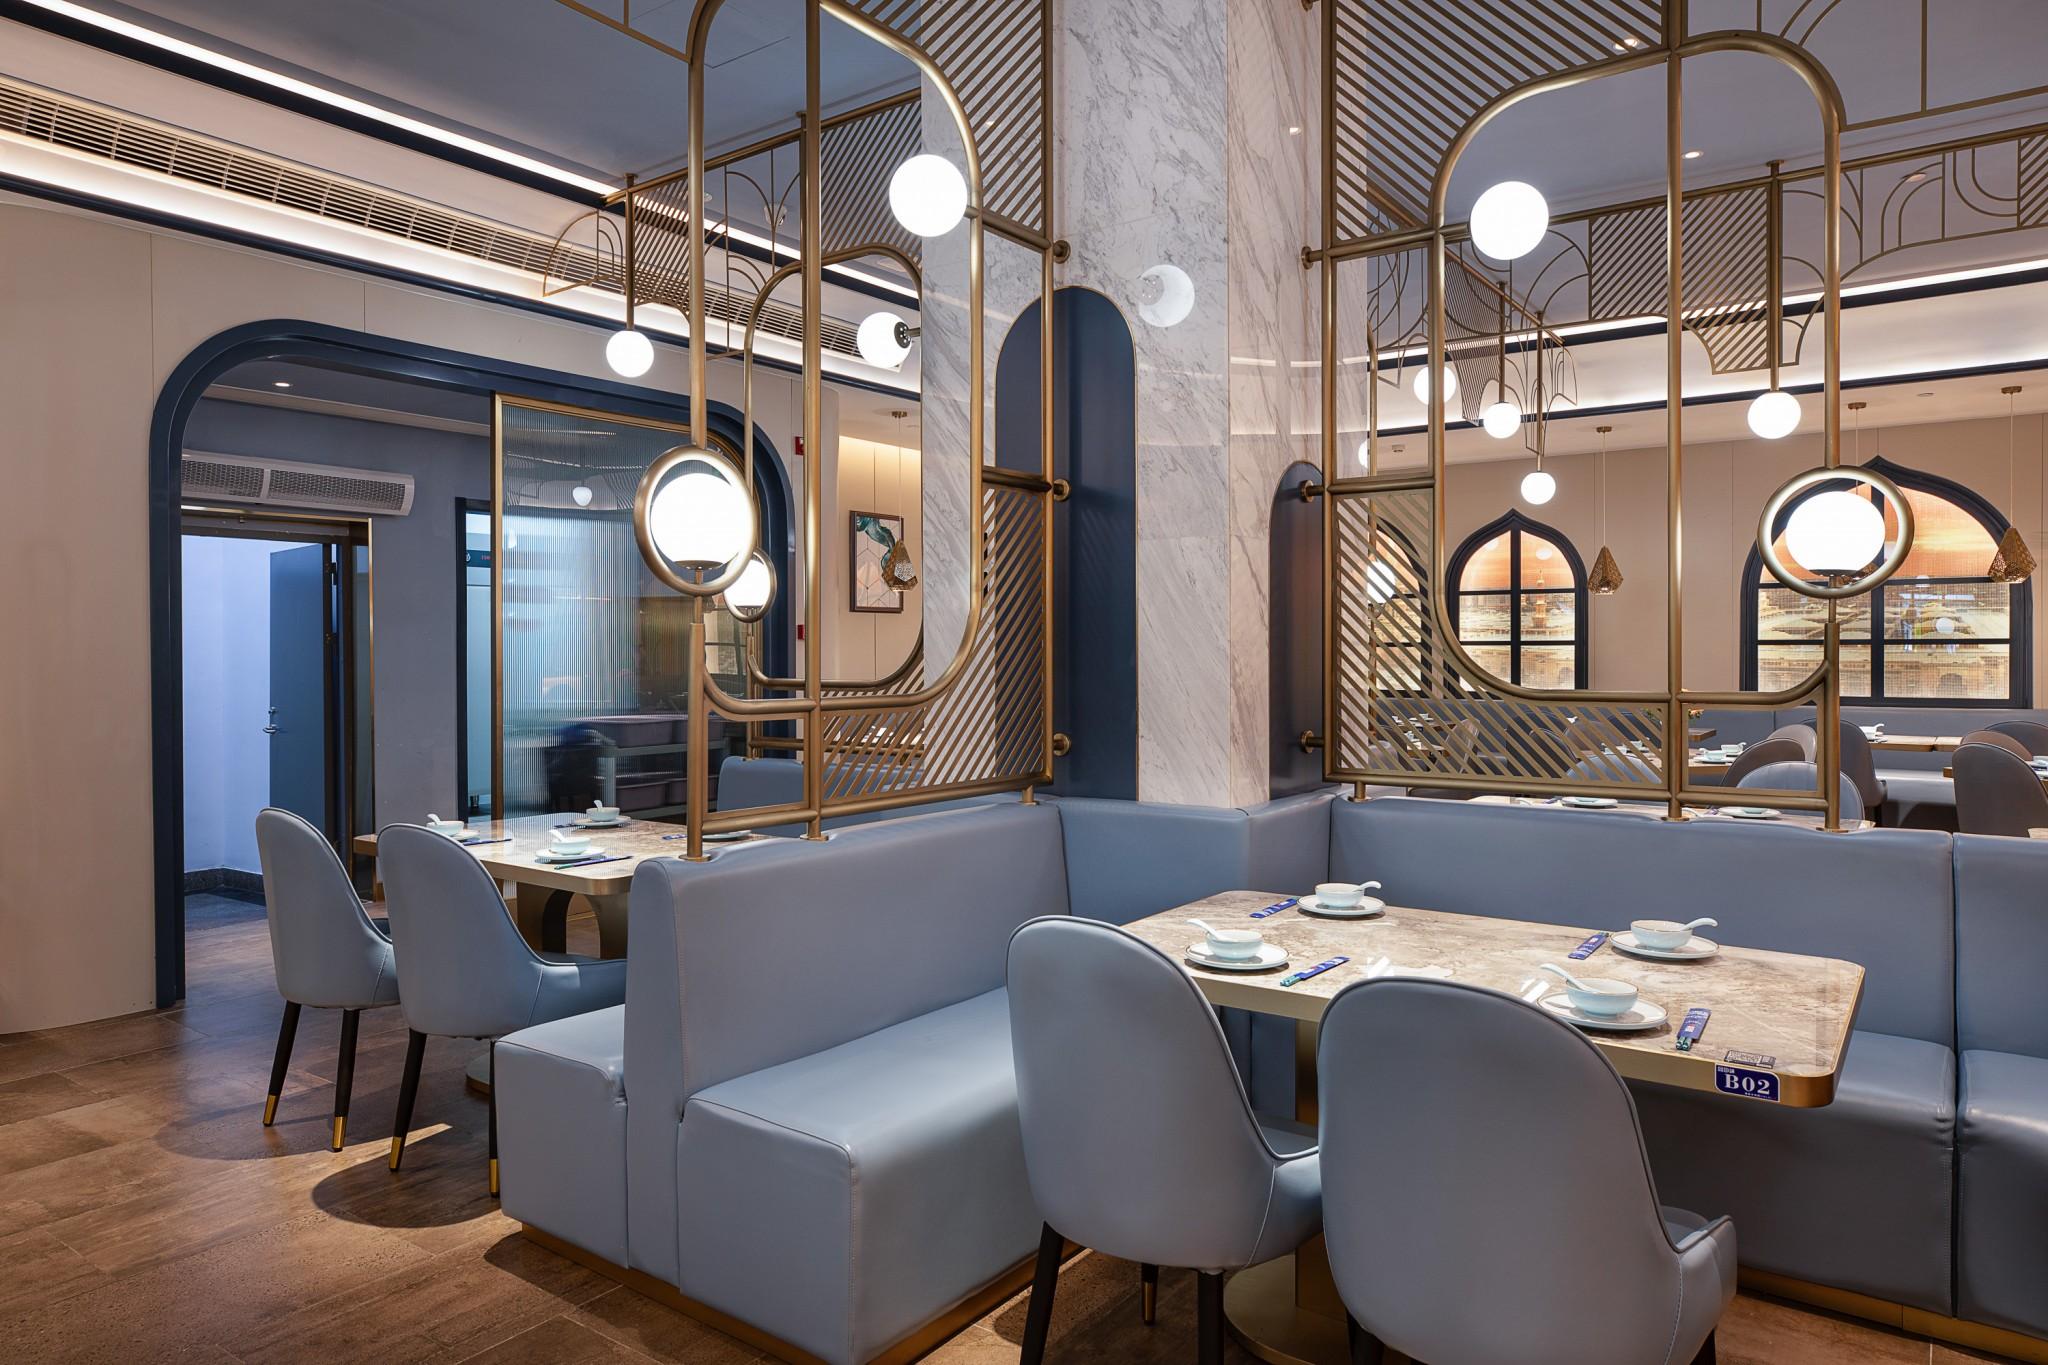 品味回西北菜餐厅设计-杭州餐厅设计-杭州达岸品牌策划设计公司7d37b65b59028d3fbd39c1d848afe2c7